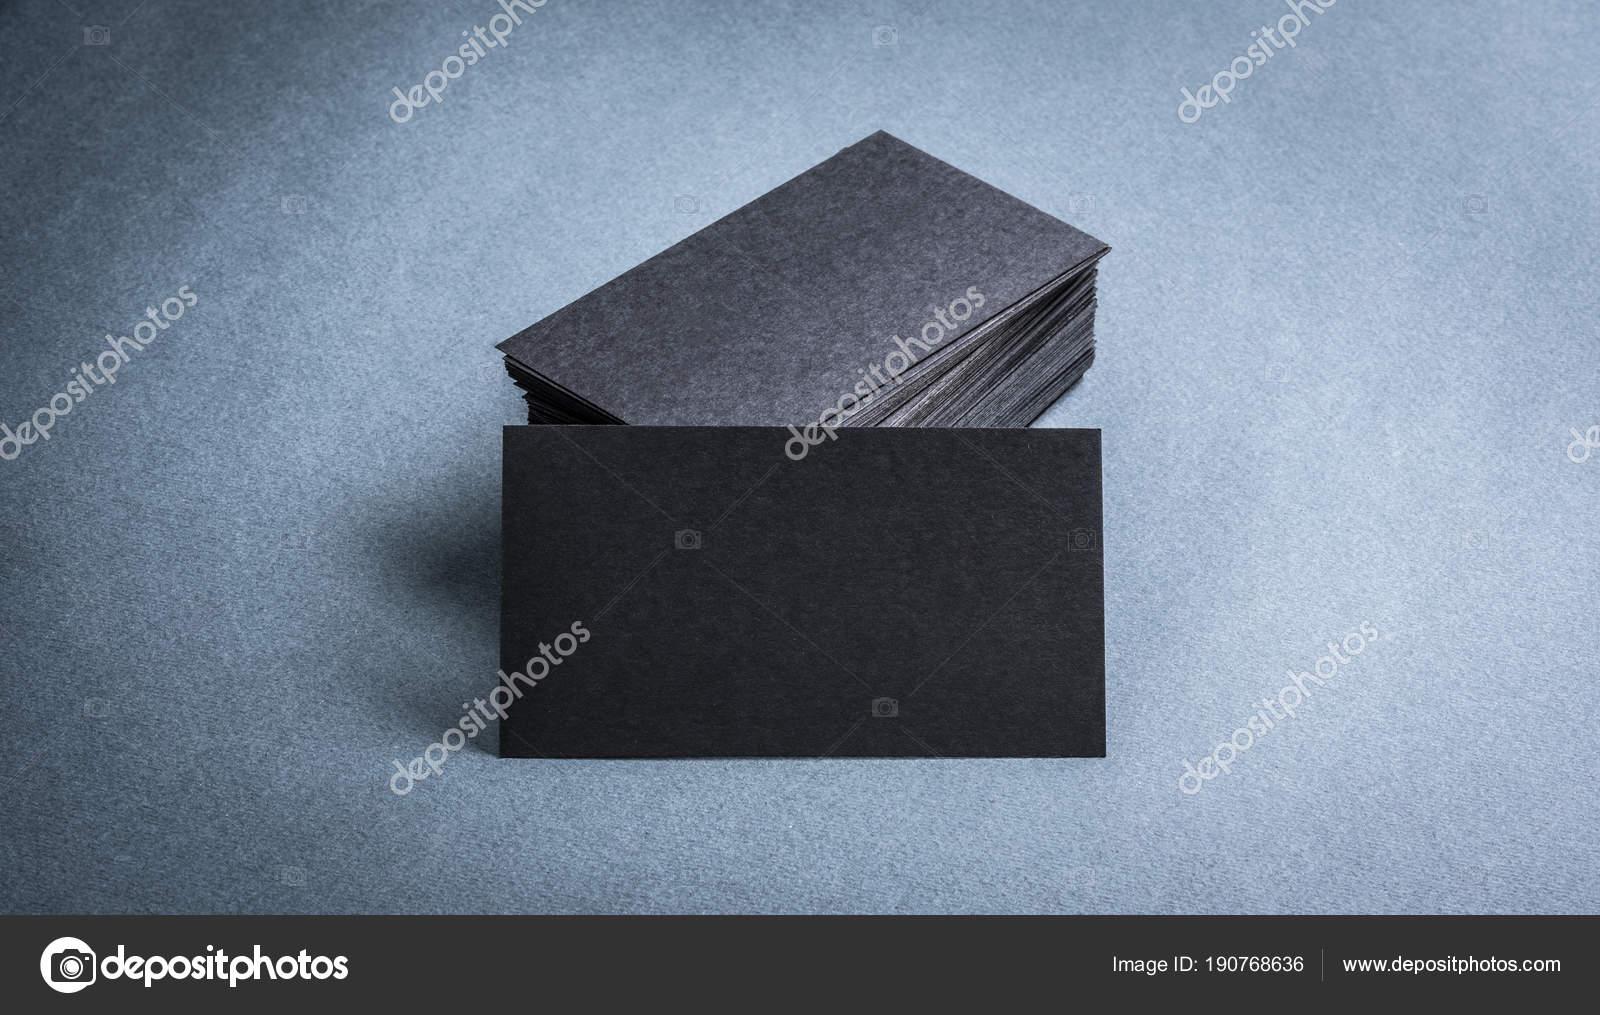 Modele De Carte Visite Papier Noir Sur Fond Gris Vierge Pour Lespace Texte Image GekaSkr